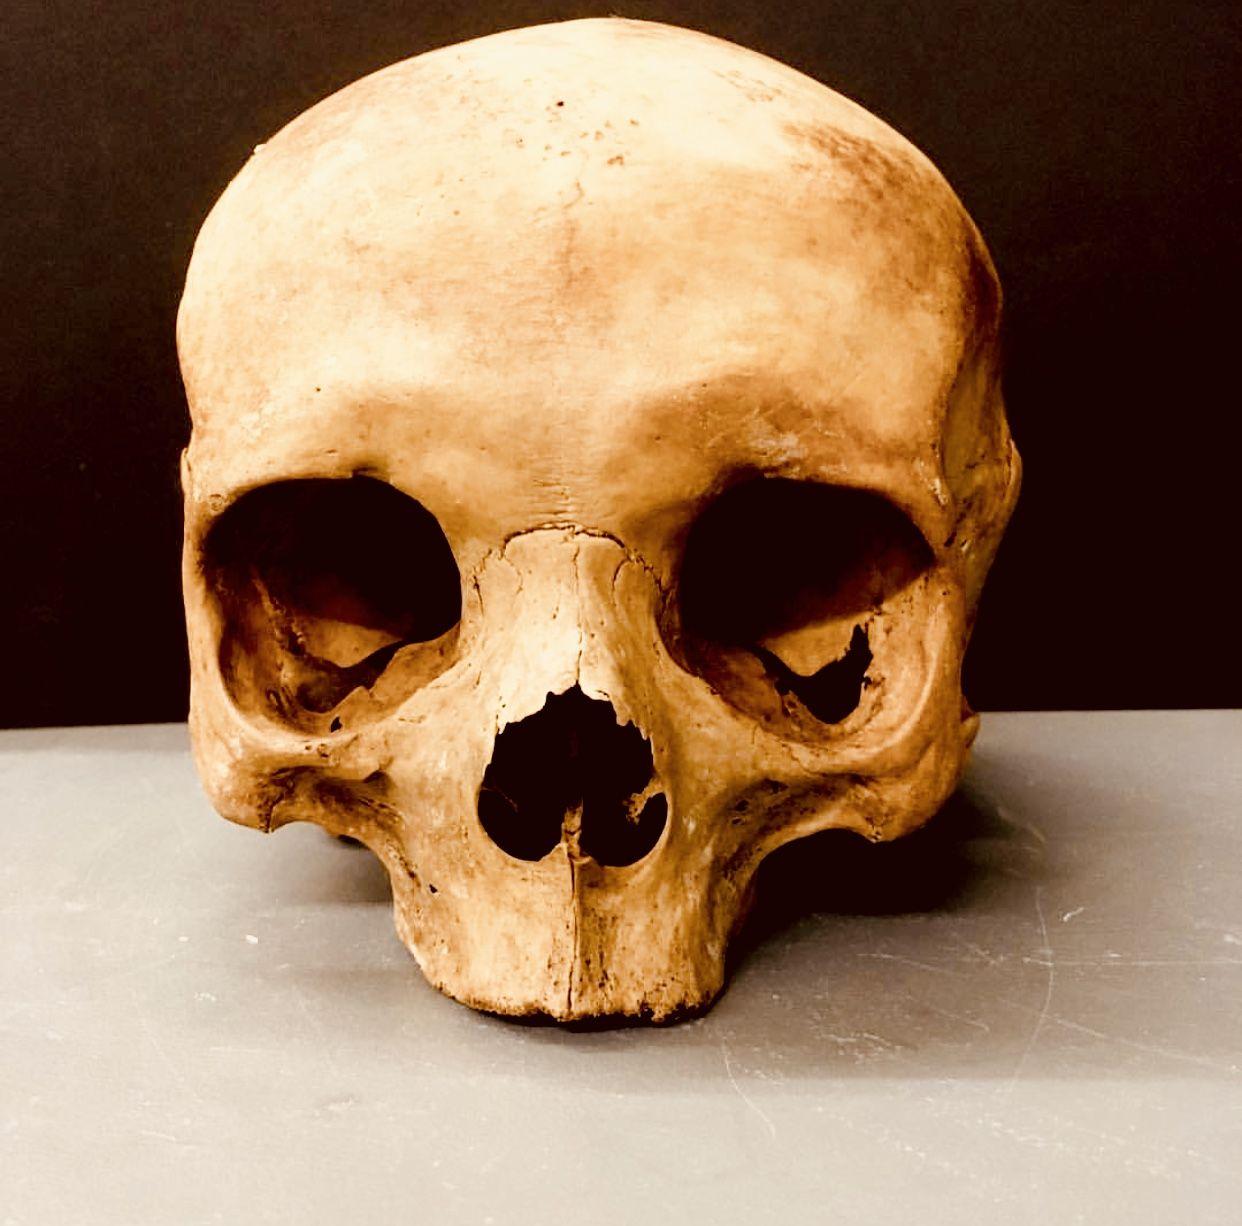 Pin De Derald Hallem En Skull Art Craneo Humano Craneo Calaveras